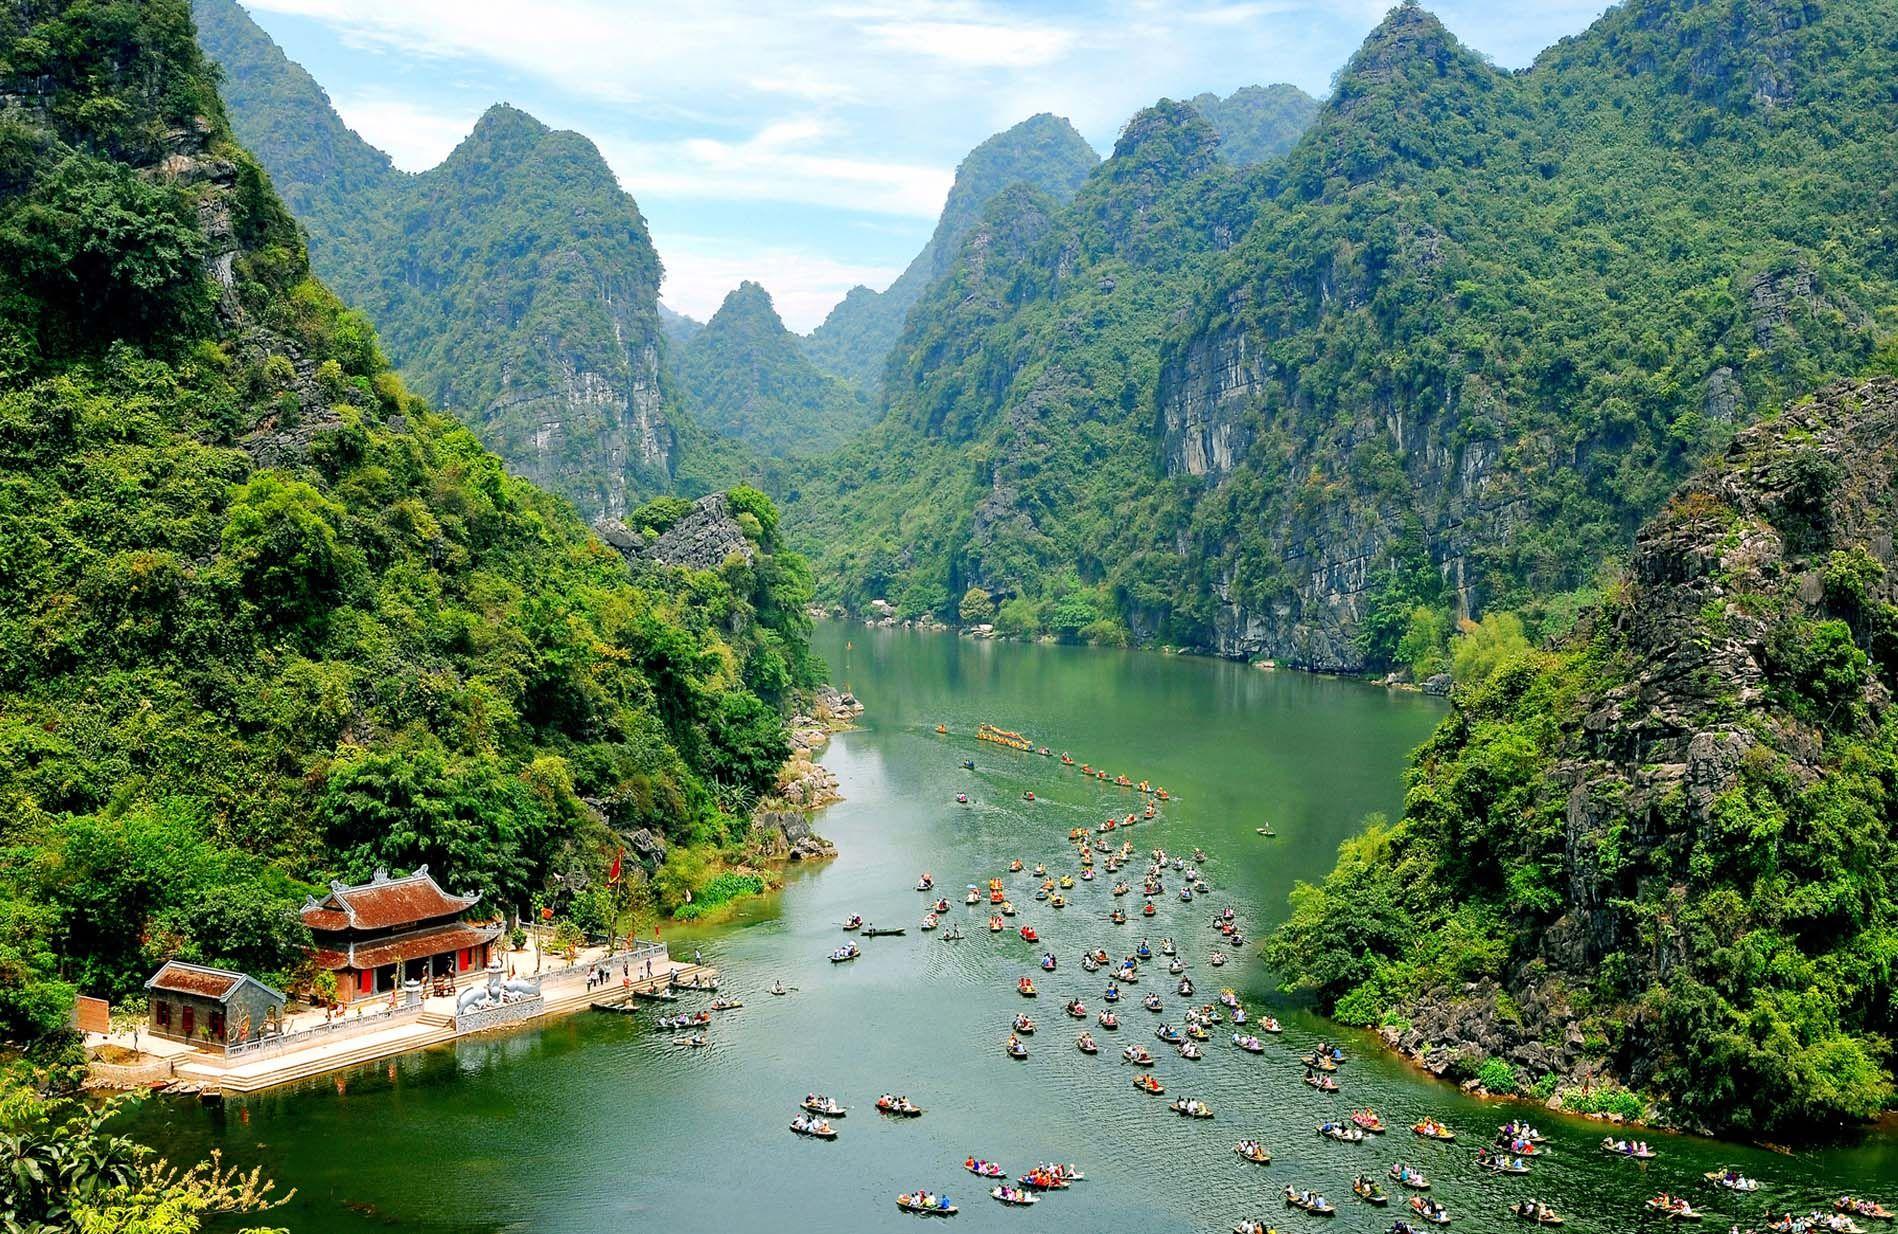 Kinh nghiệm du lịch Ninh Bình